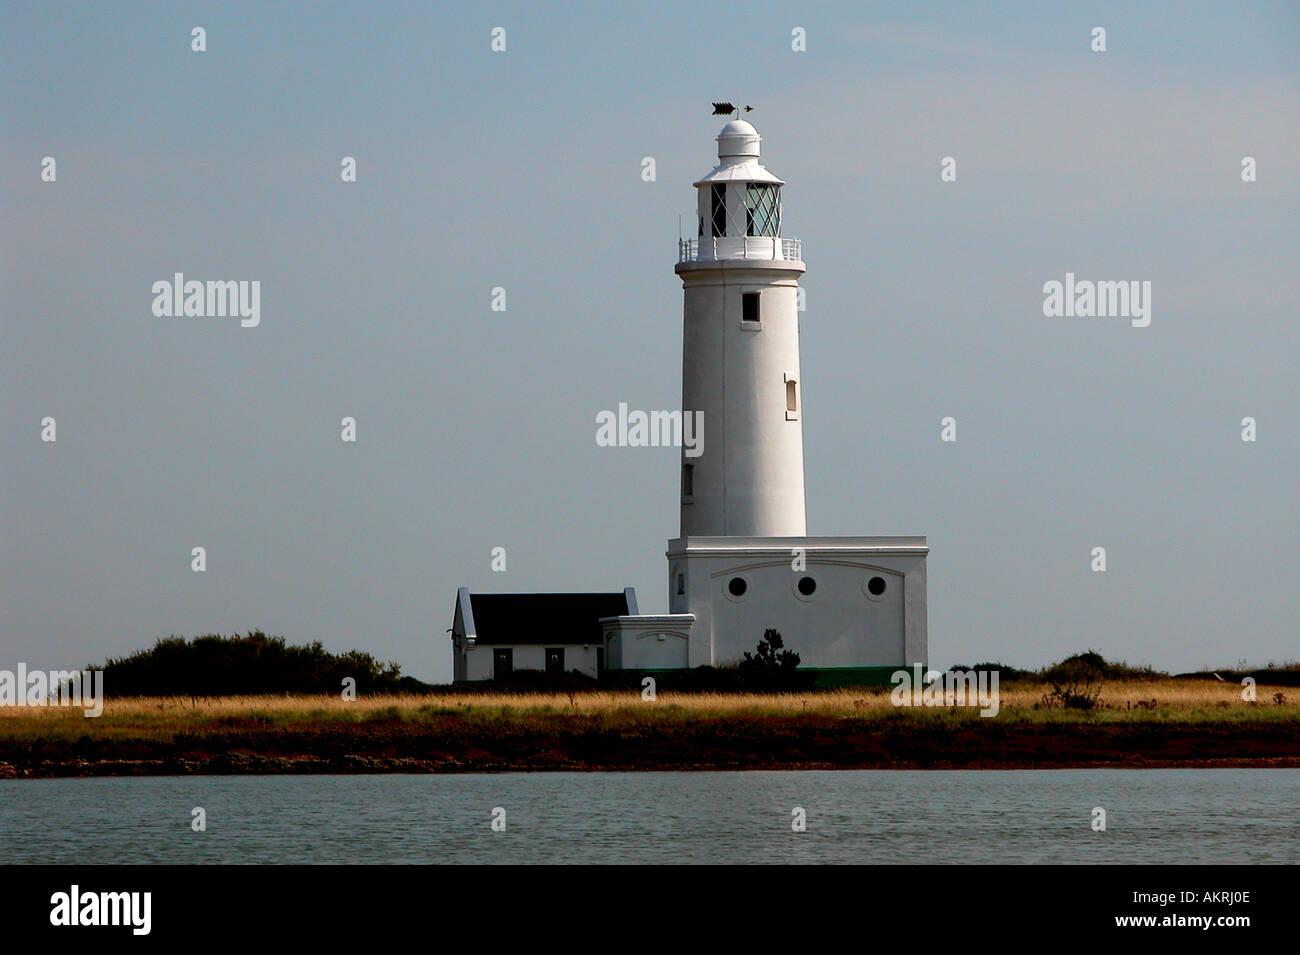 Lighthouse Hurst Point England - Stock Image